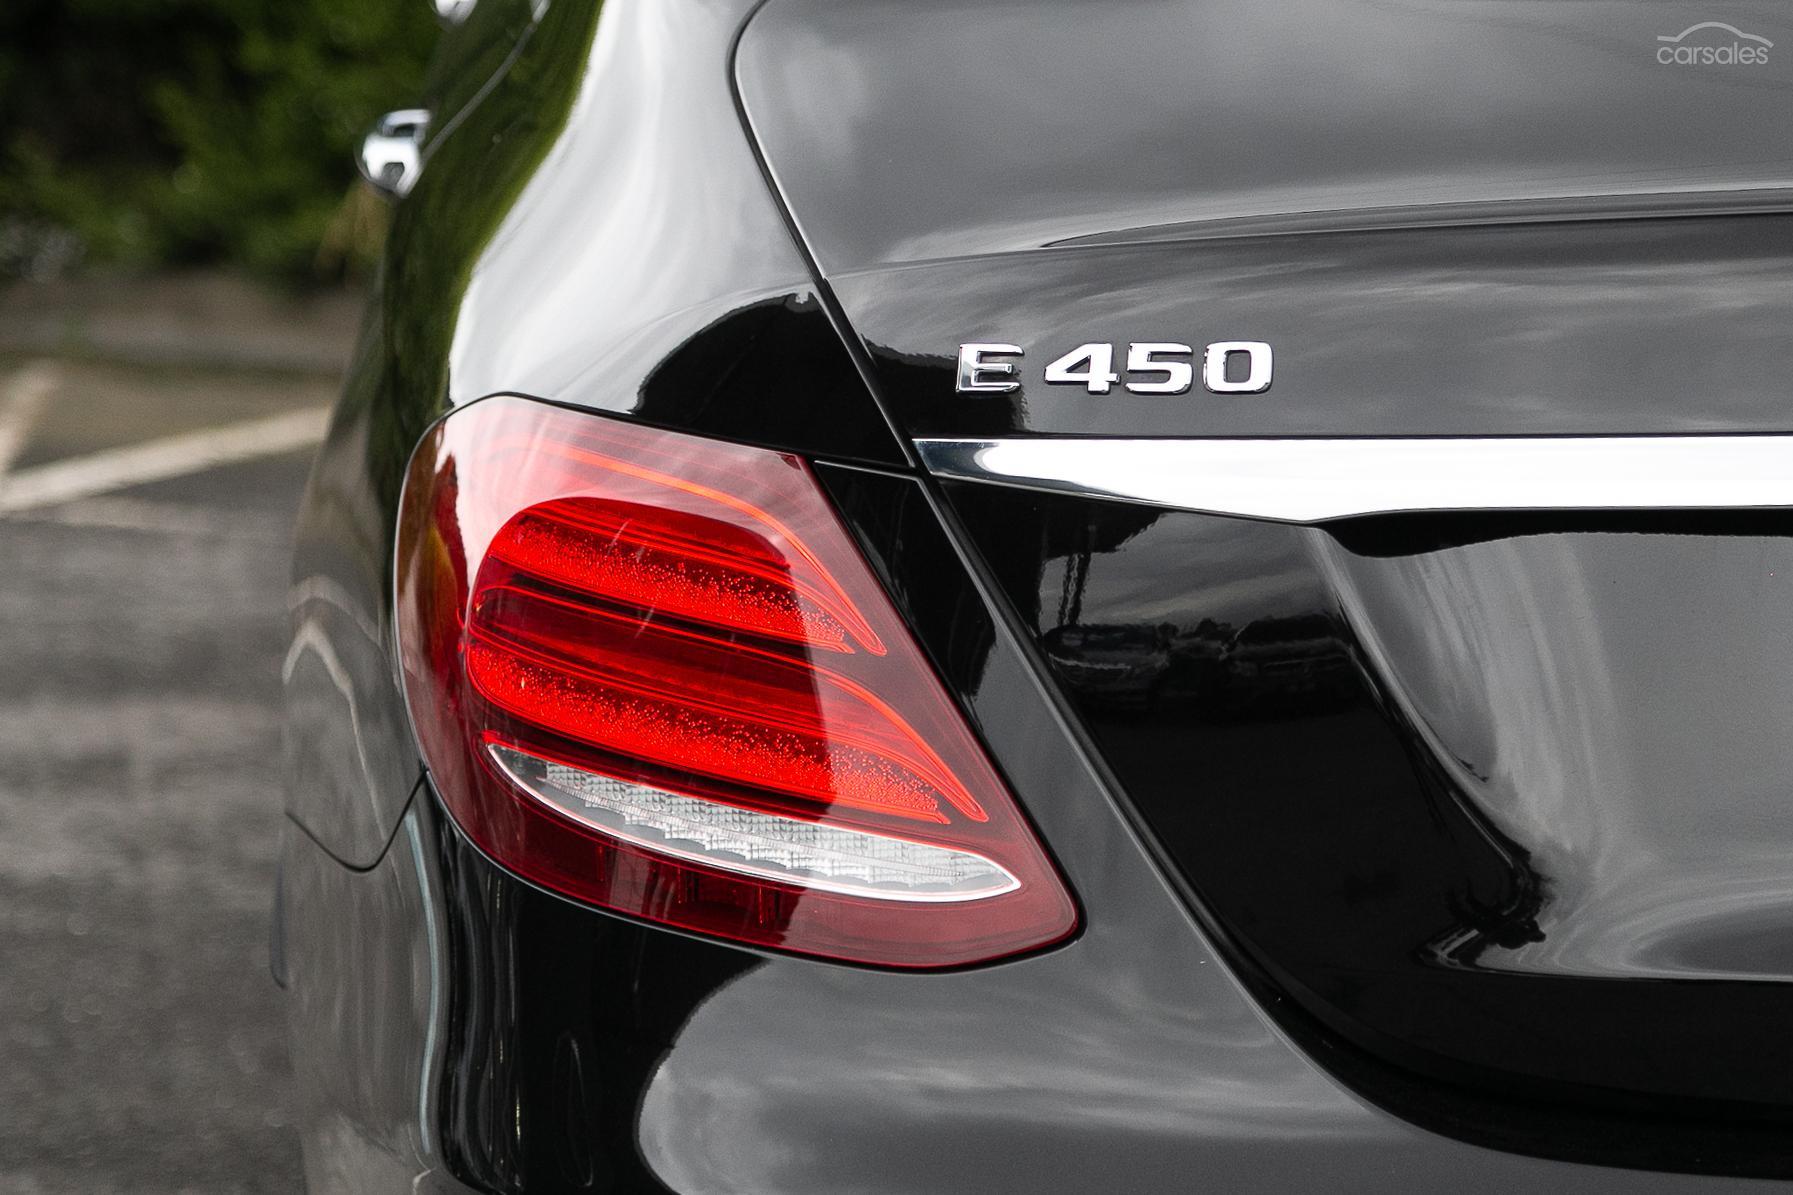 2018 Mercedes-Benz E450 Auto 4MATIC-OAG-AD-17518702